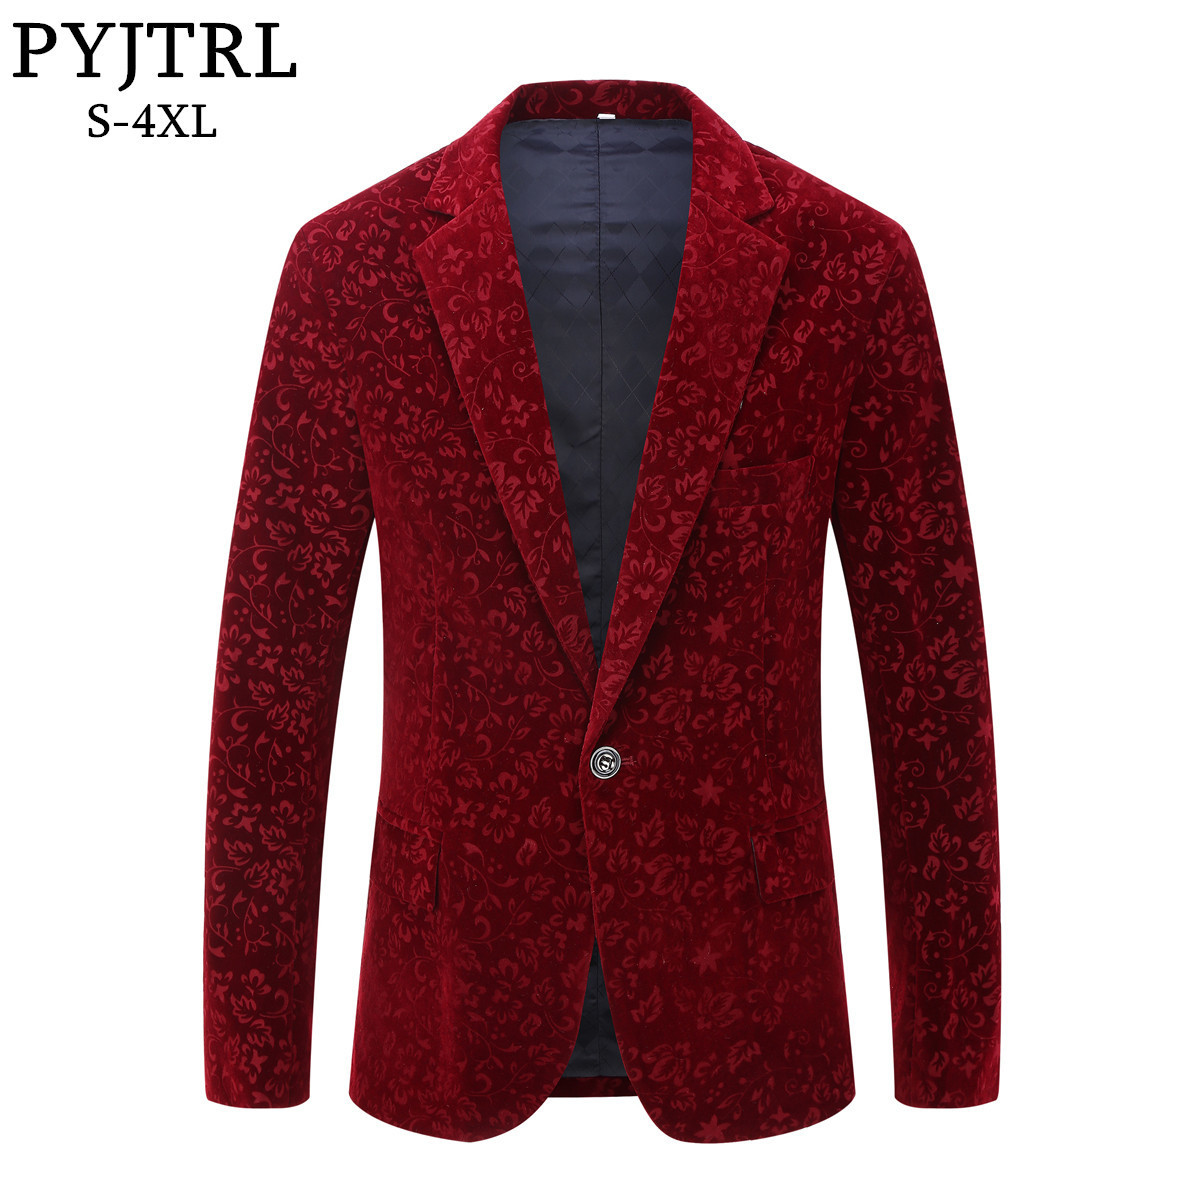 Homens Outono Inverno PYJTRL Vinho de Veludo Vermelho Floral Impressão Terno Do Casamento Jacket Slim Fit Blazer Projeta Figurinos Para Os Cantores